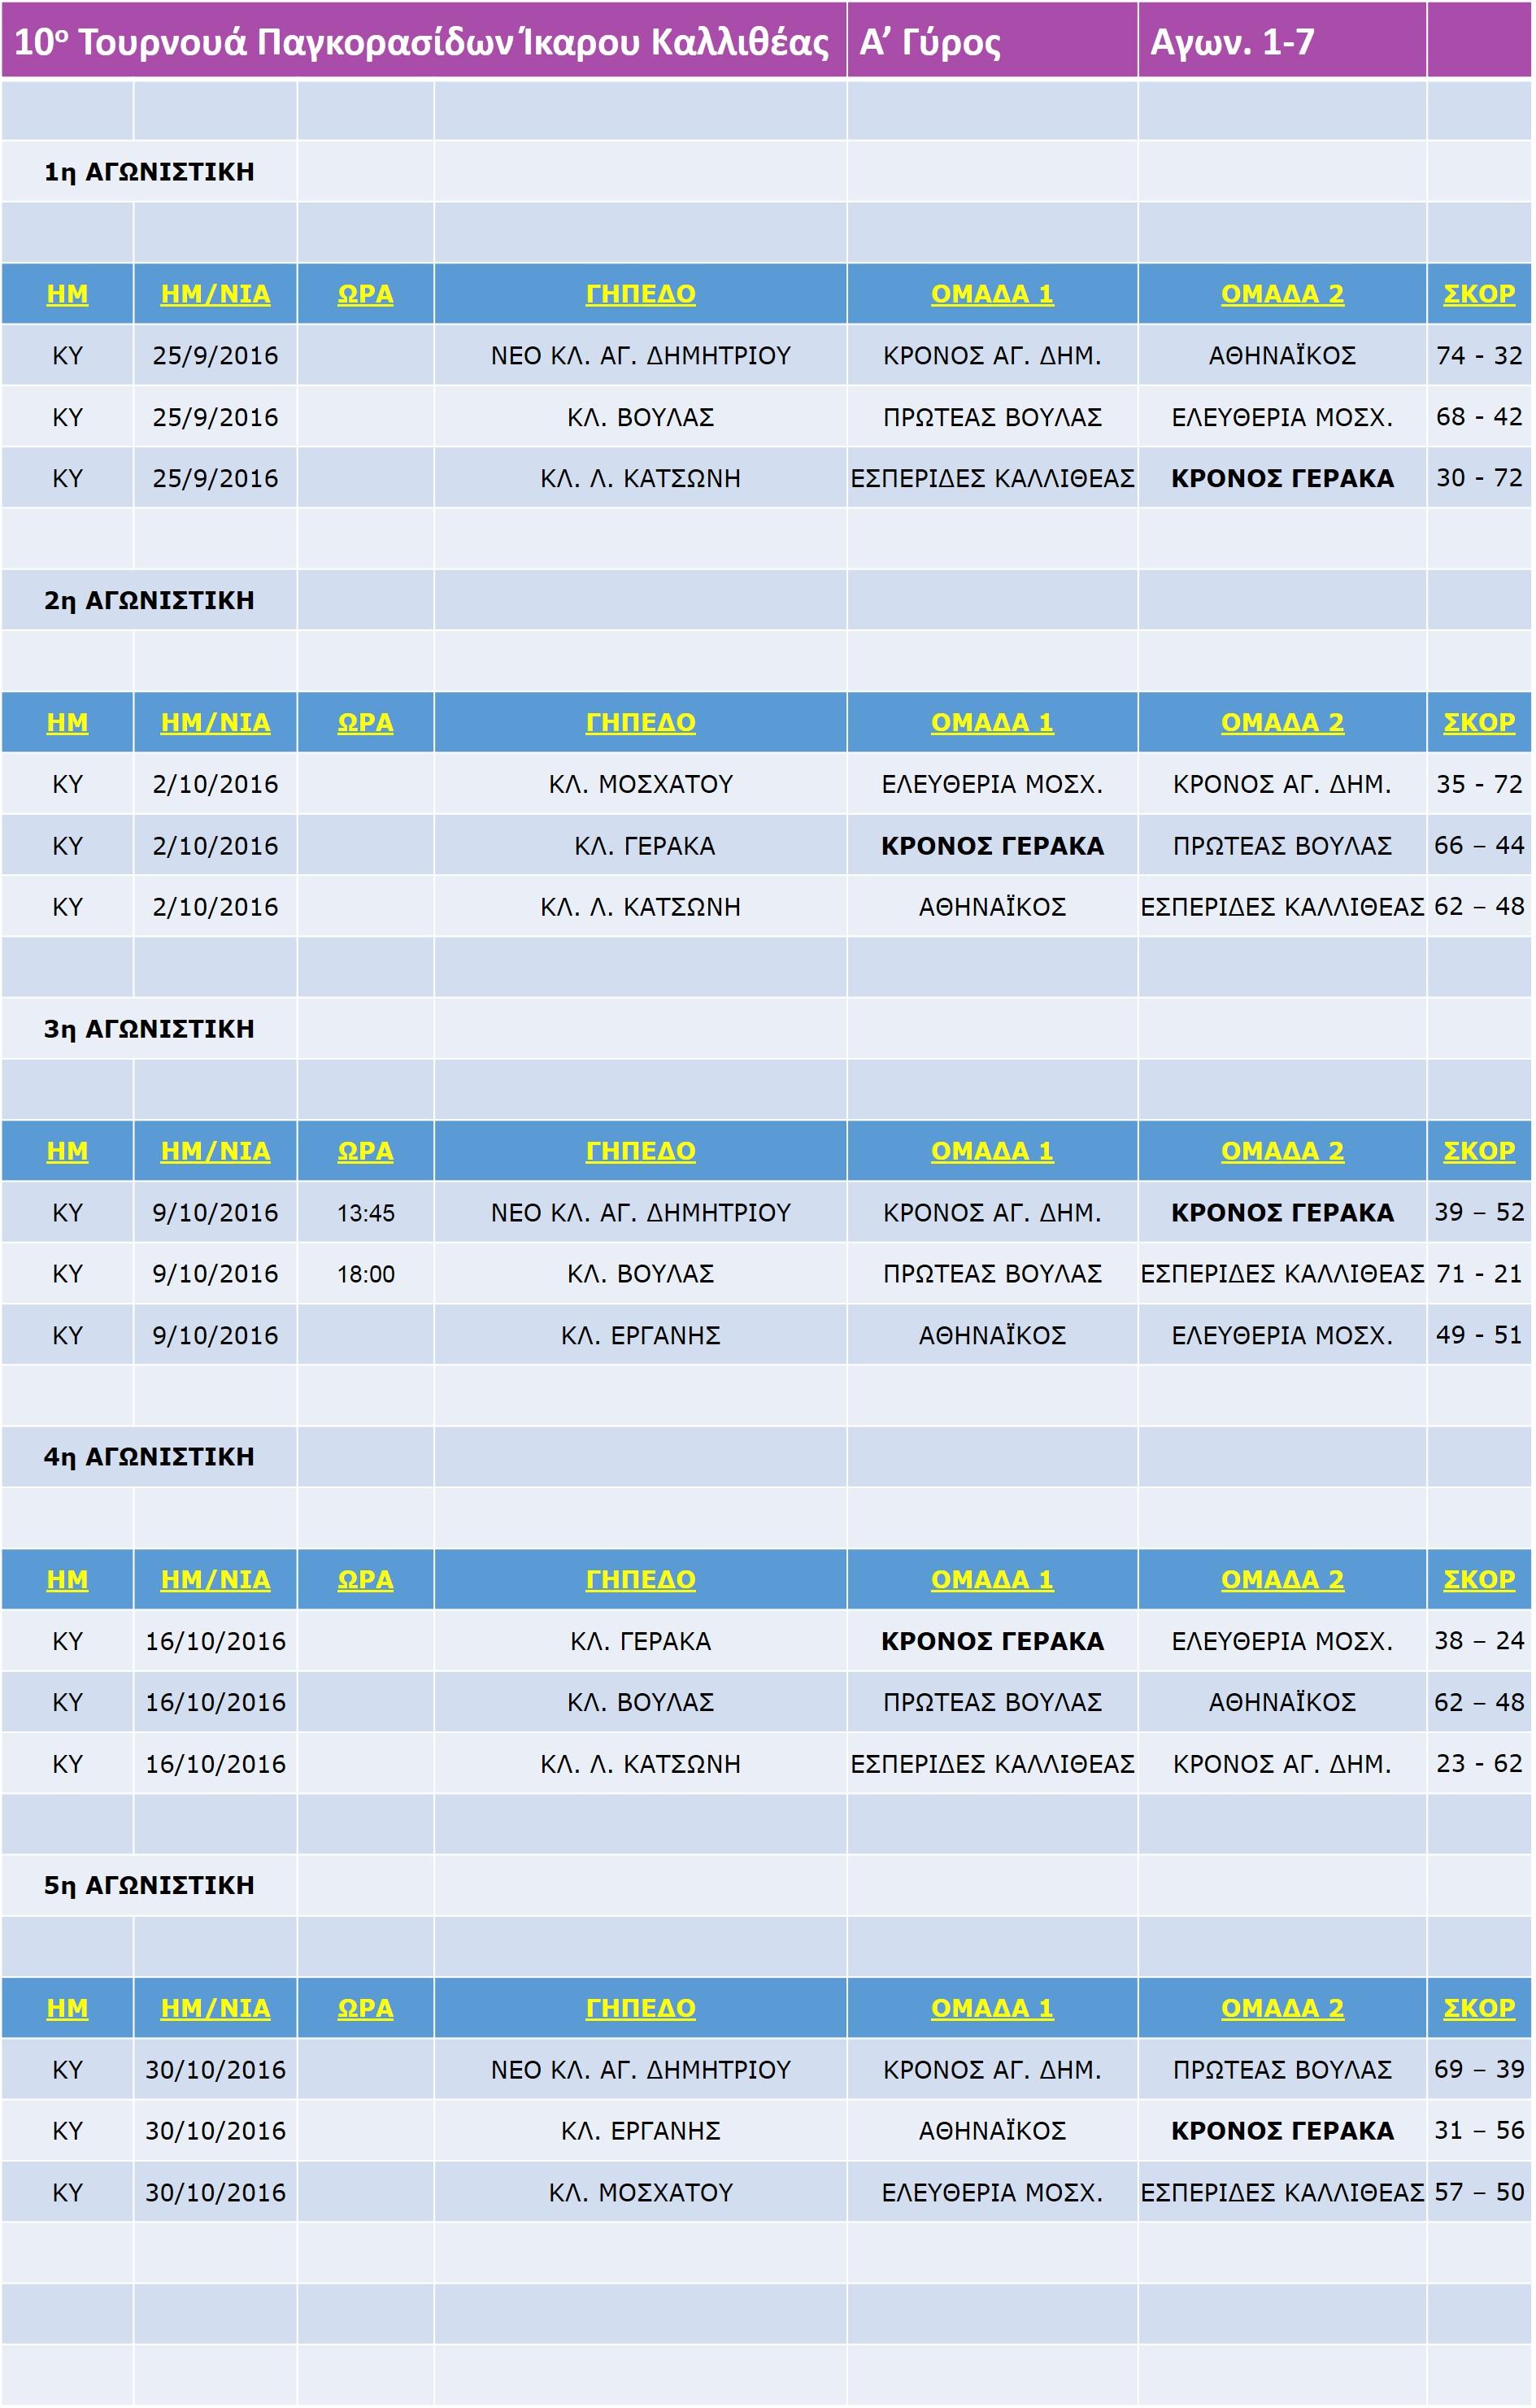 10th_Pagkorasides_Ikaros_Match_1-5_5